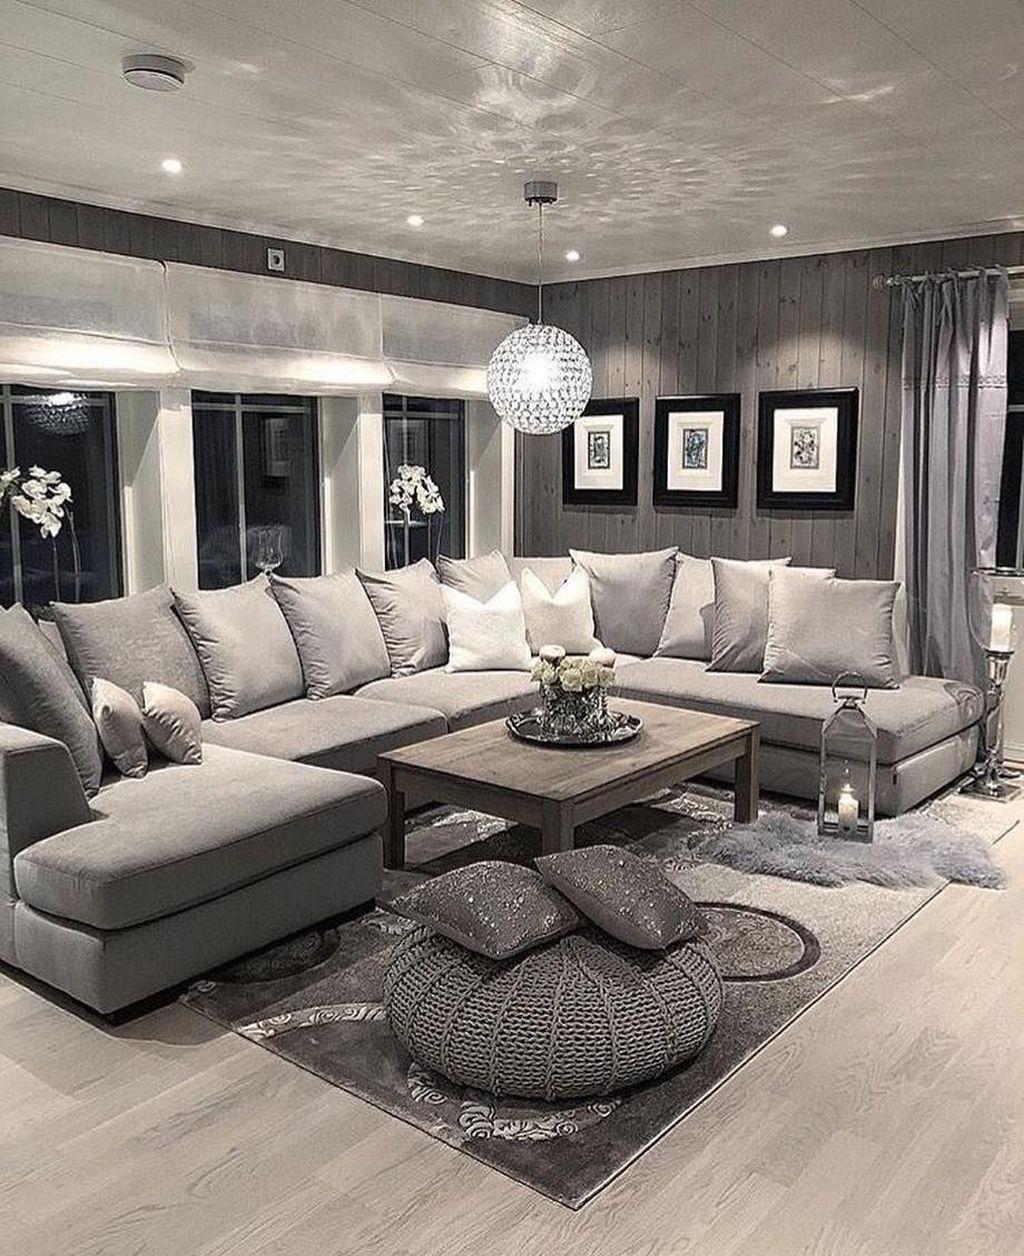 Fröhlich Lazy Boy Möbel Wohnzimmer   New Ideas Cheerful Lazy Boy Furniture Living Room Nettes faules JungenMöbelWohnzimmer